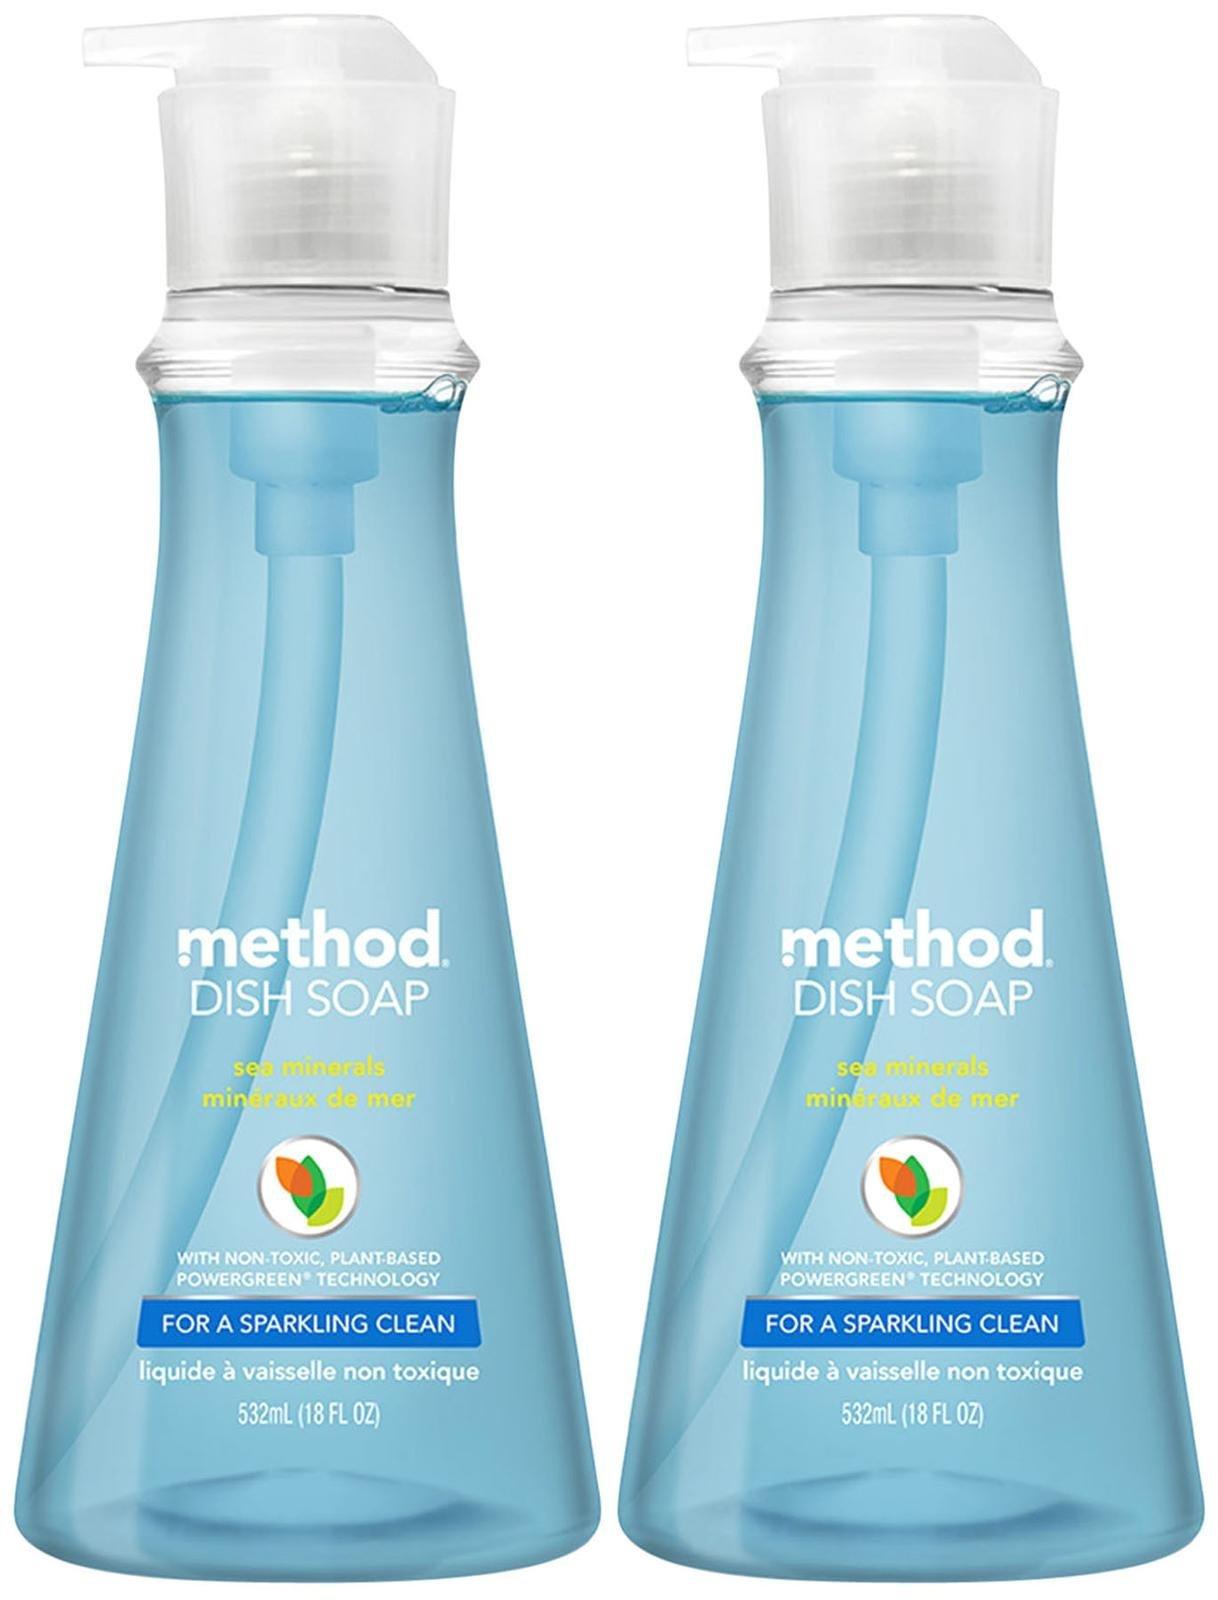 Method Dish Soap Pump – 18 oz – Sea Minerals – 2 pk